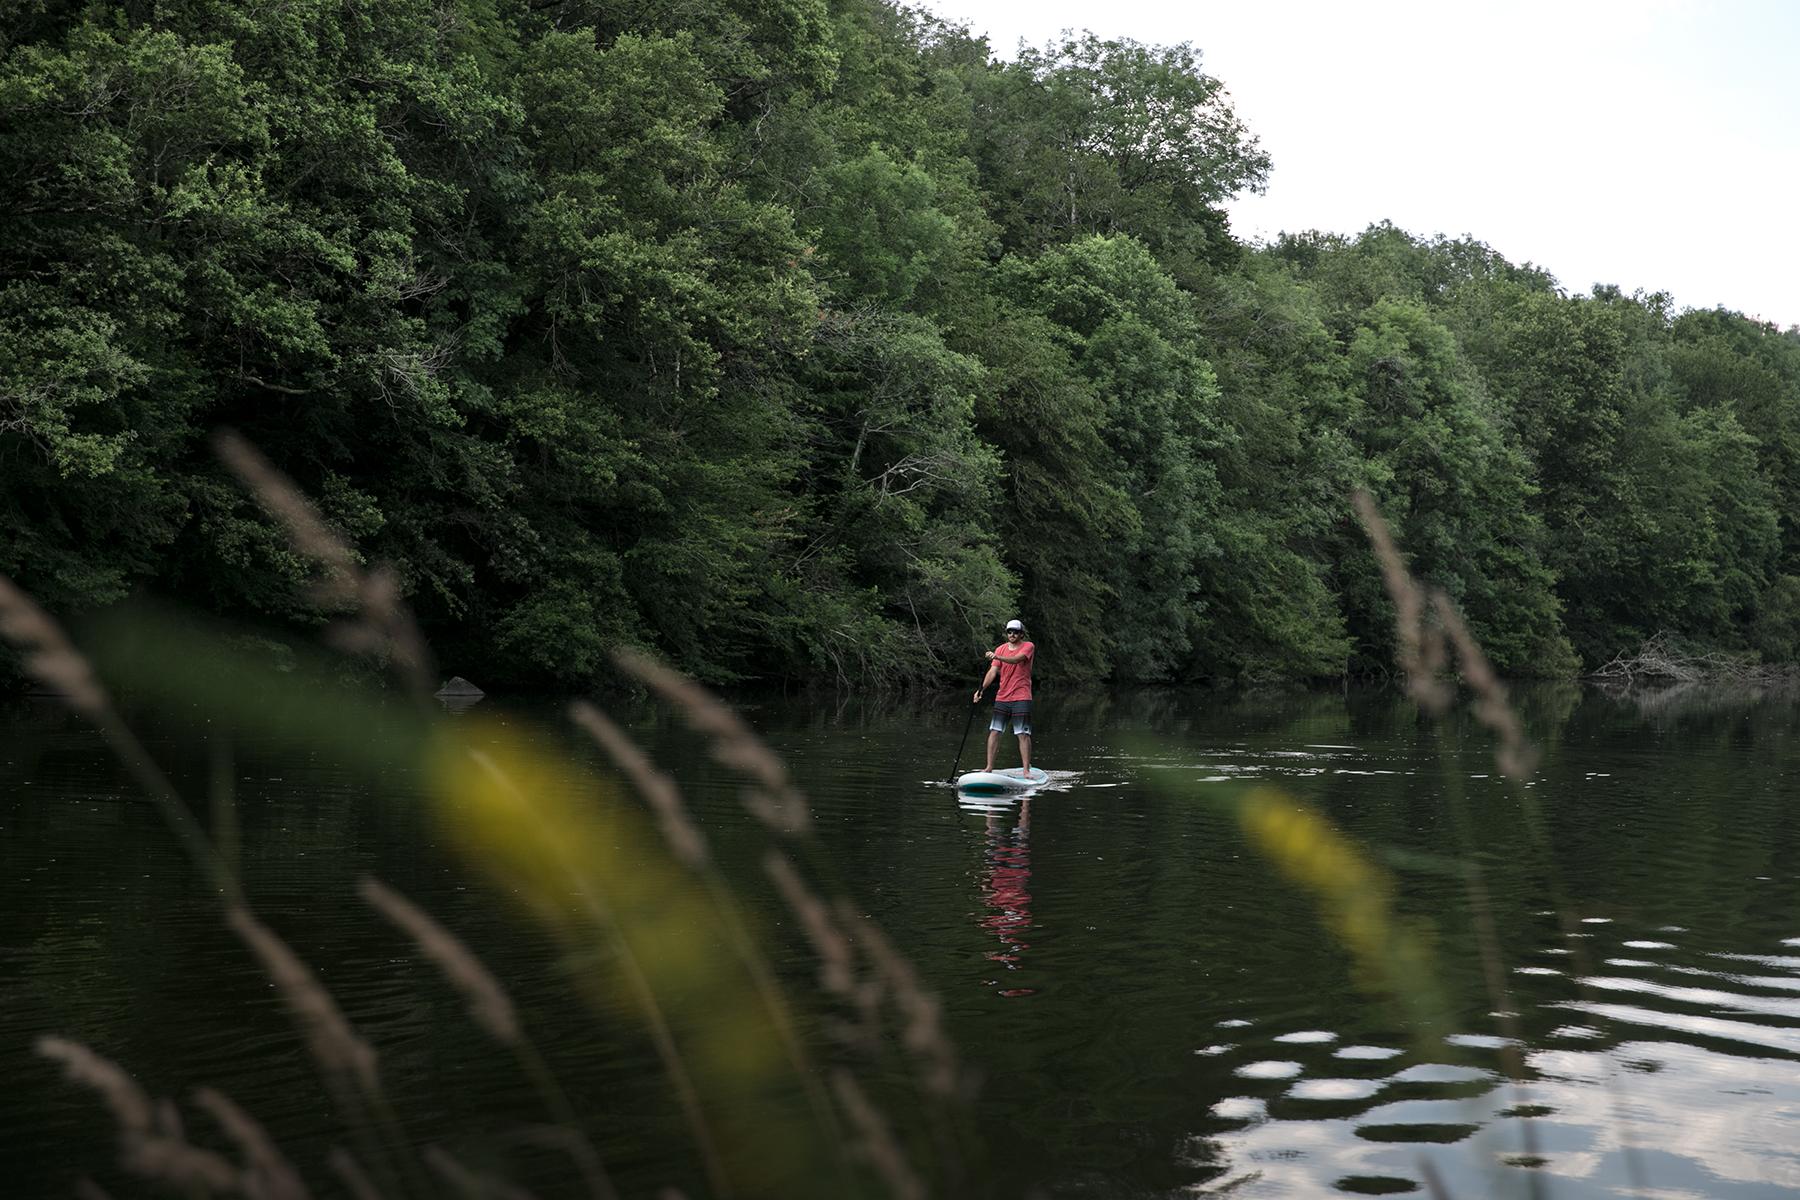 Meilleur spot pour faire du paddle en france